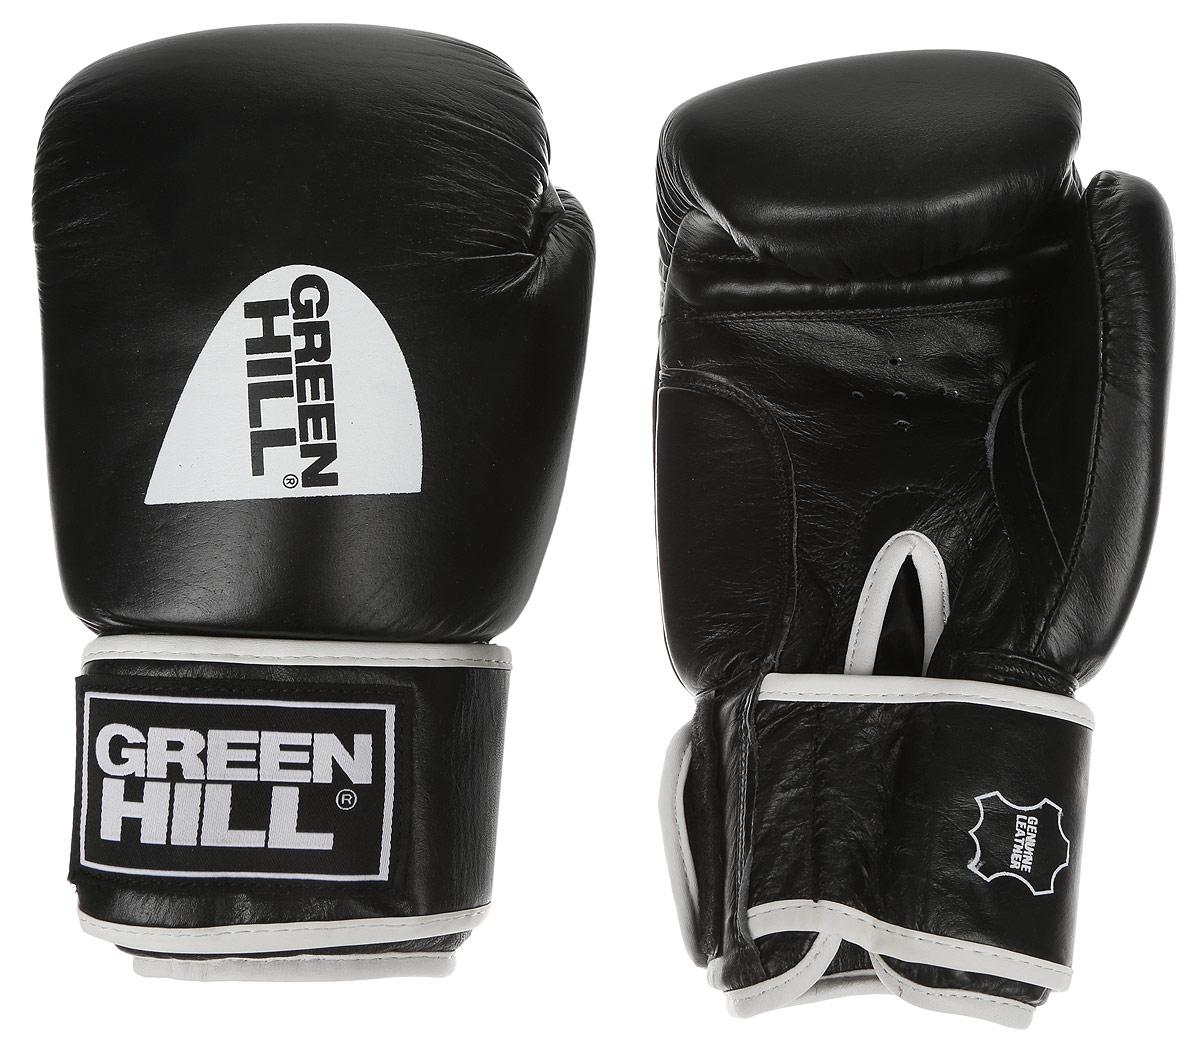 Перчатки боксерские Green Hill Gym, цвет: черный, белый. Вес 12 унций перчатки боксерские green hill force цвет красный белый вес 10 унций bgf 1215